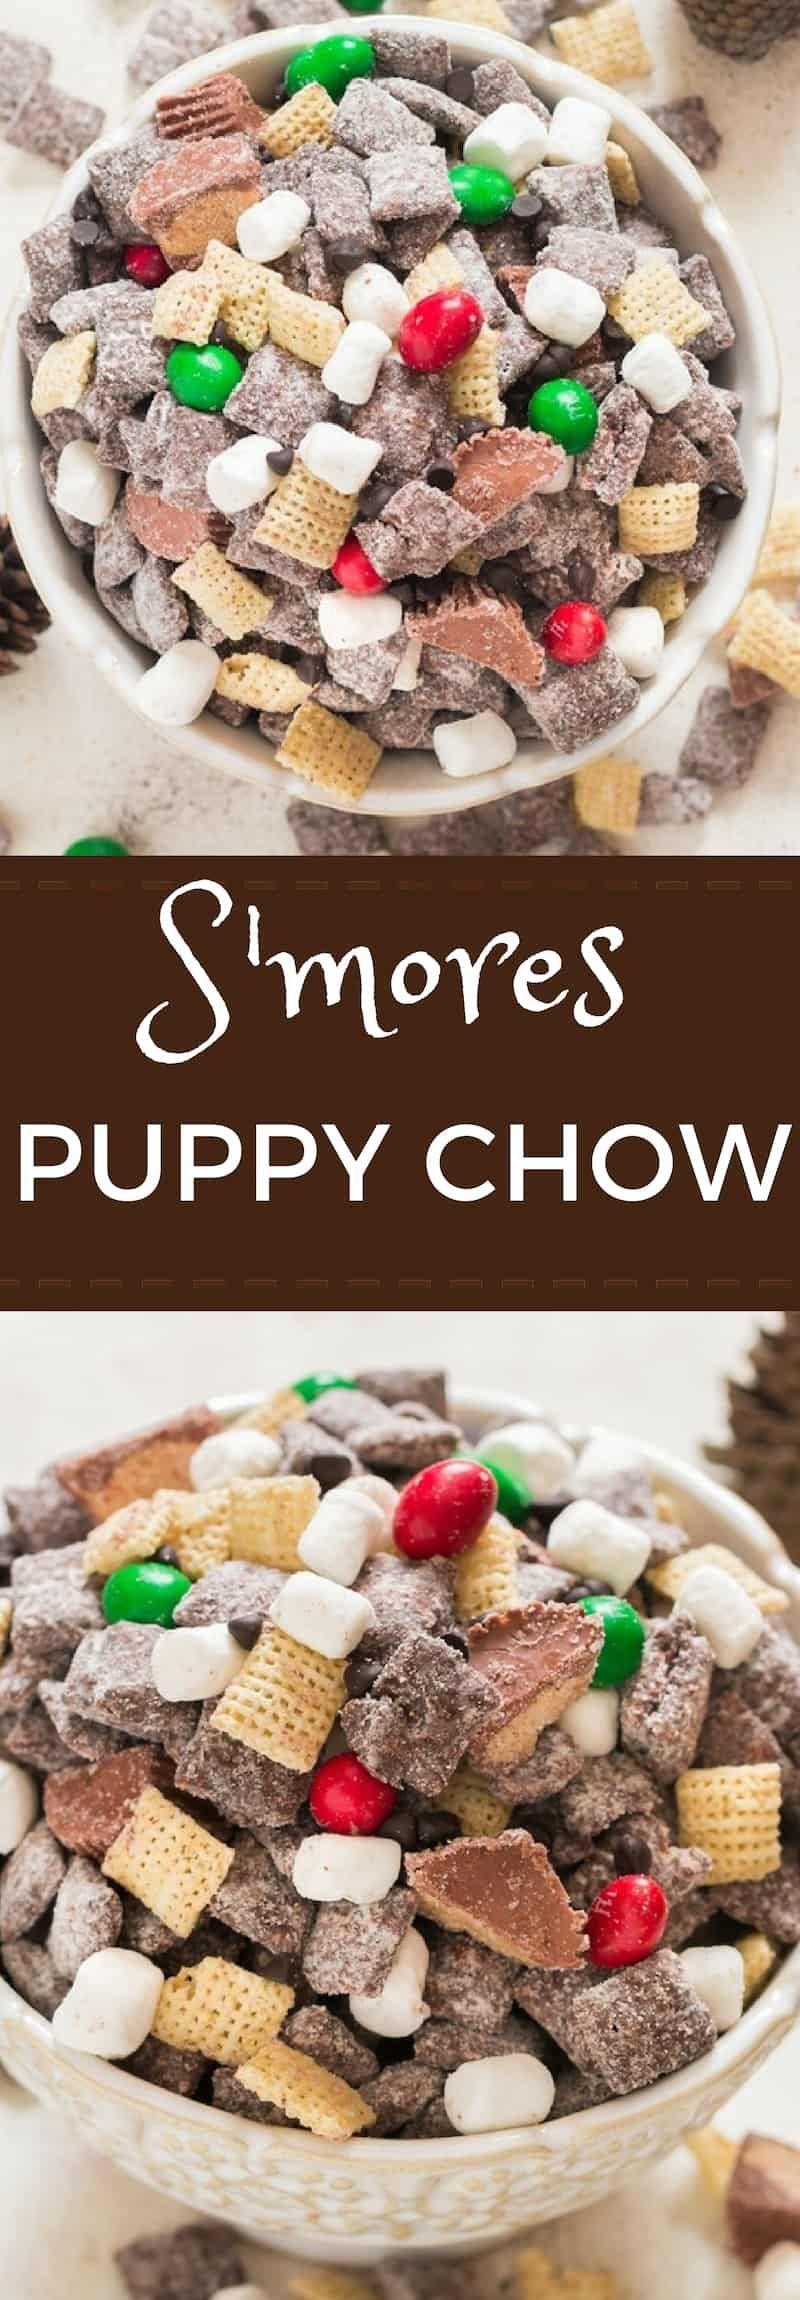 Best Puppy Chow Recipe Best Puppy Chow Recipe Puppy Chow